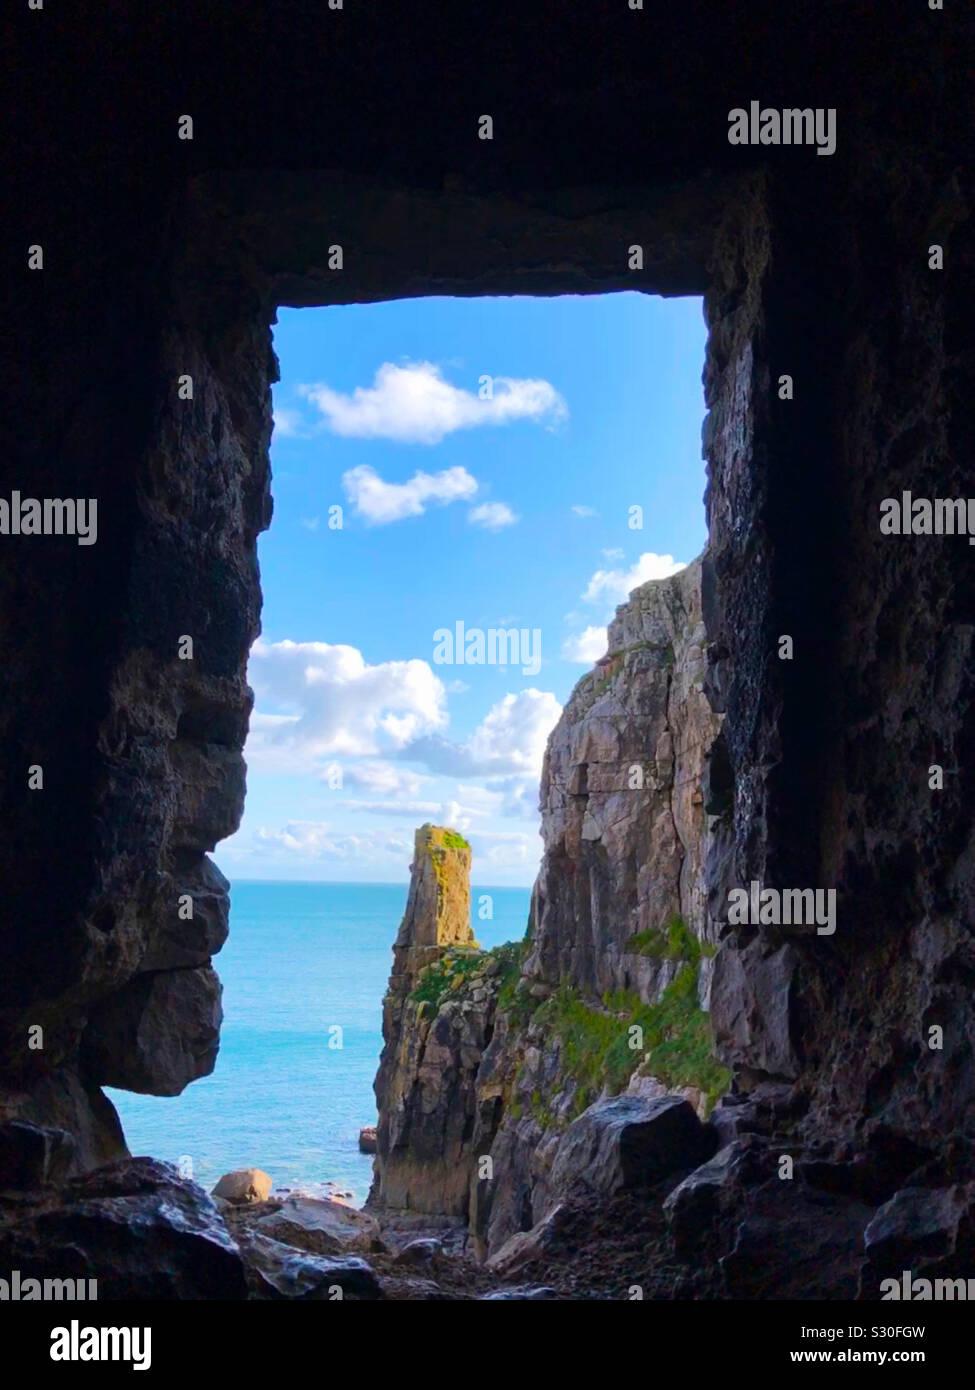 Mirando al mar Céltico desde el interior de la capilla de San Govan, St. Govan Bosherston del jefe, en el Parque Nacional de la costa de Pembrokeshire, Dyfed, Gales. Foto de stock